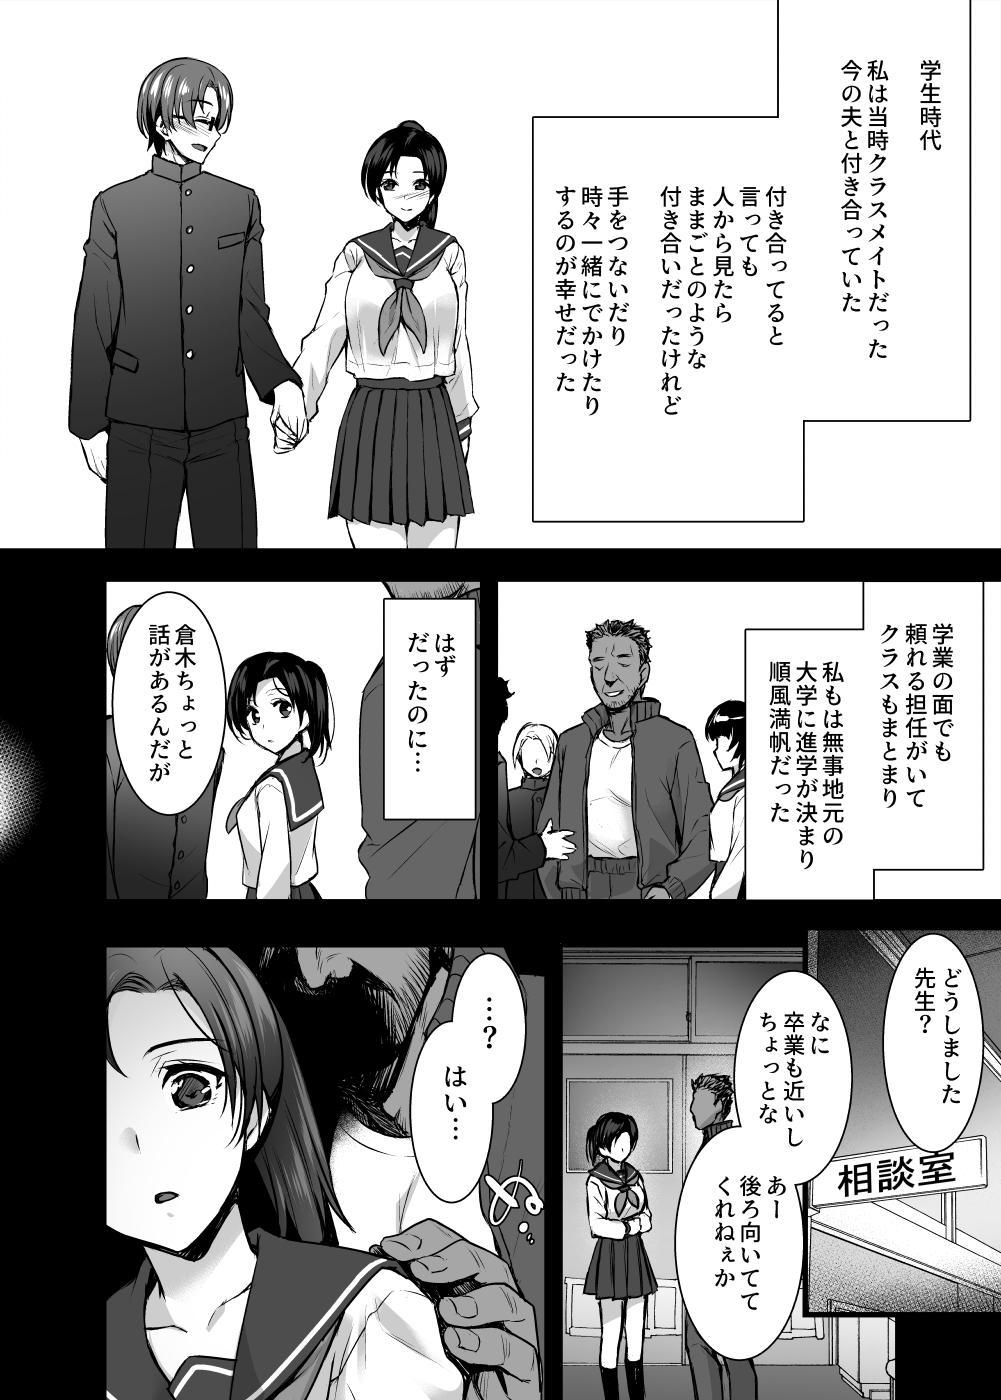 Tsuma no Hajimete no Otoko 6